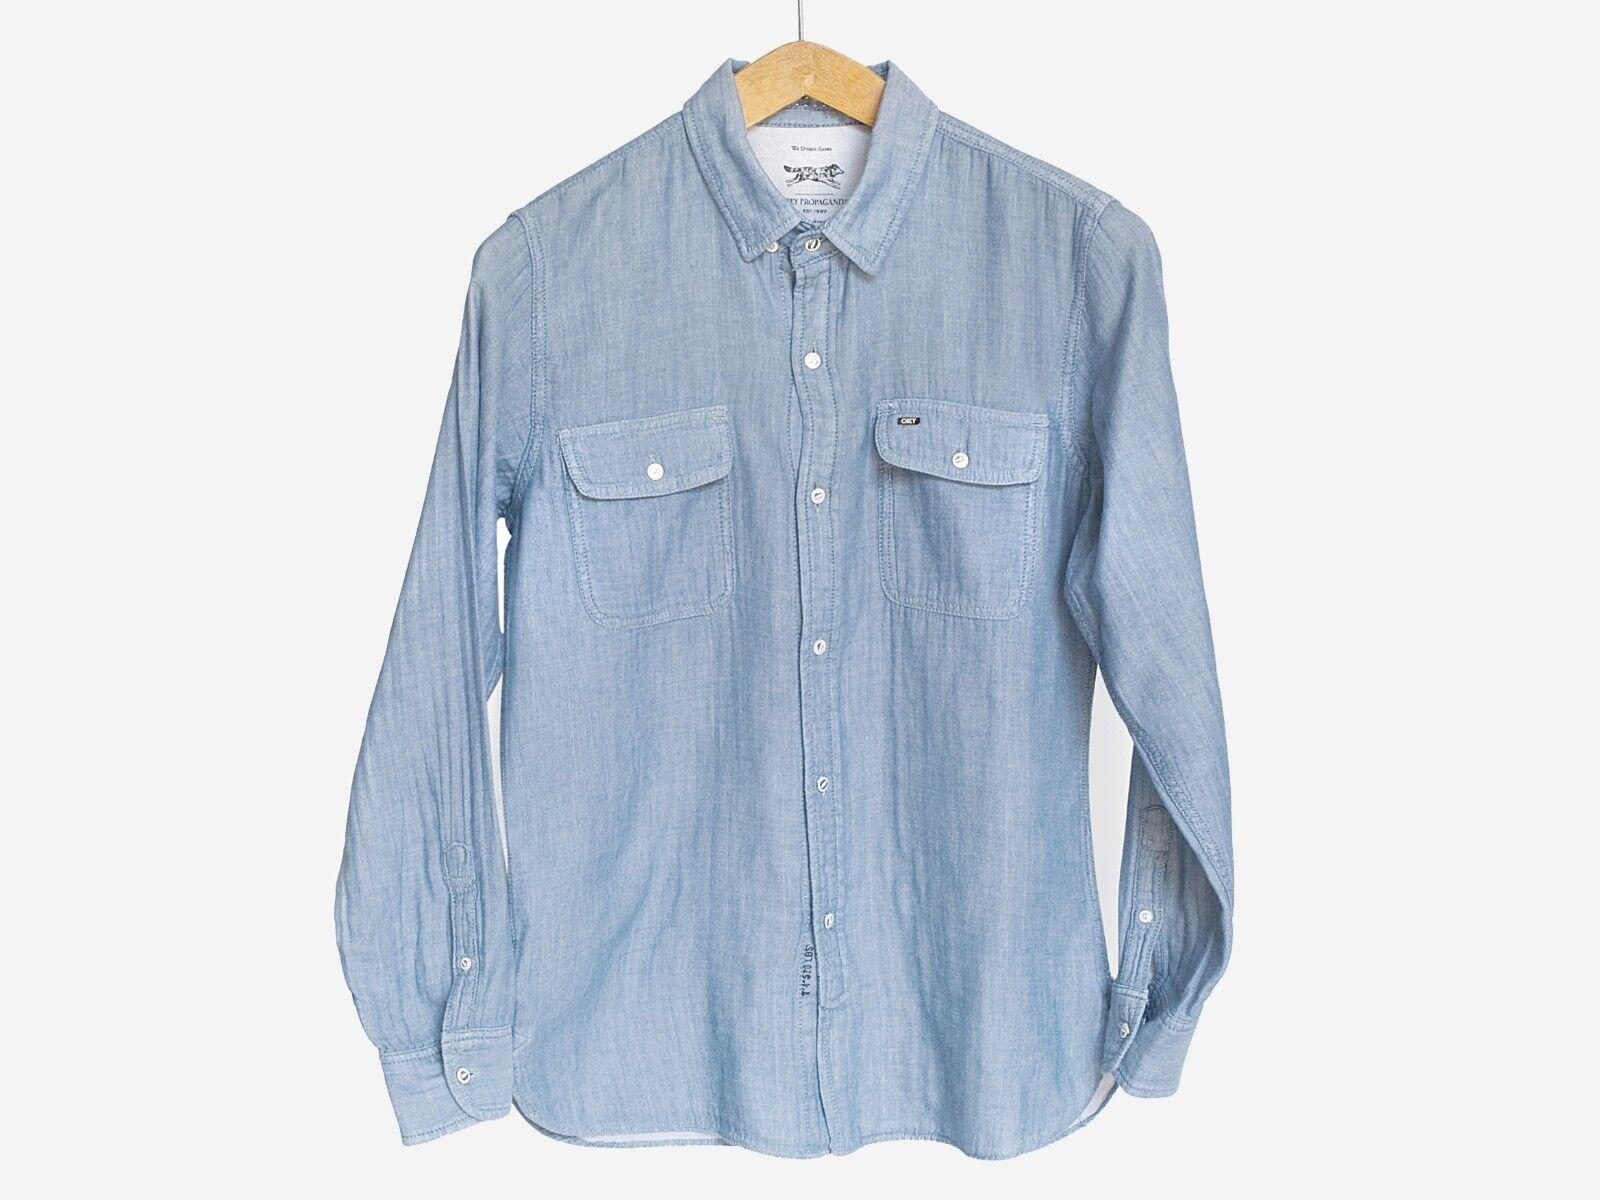 Camicia Obey Propaganda work shirt style 100% Cotone - Taglia S (Shepard Fairey)